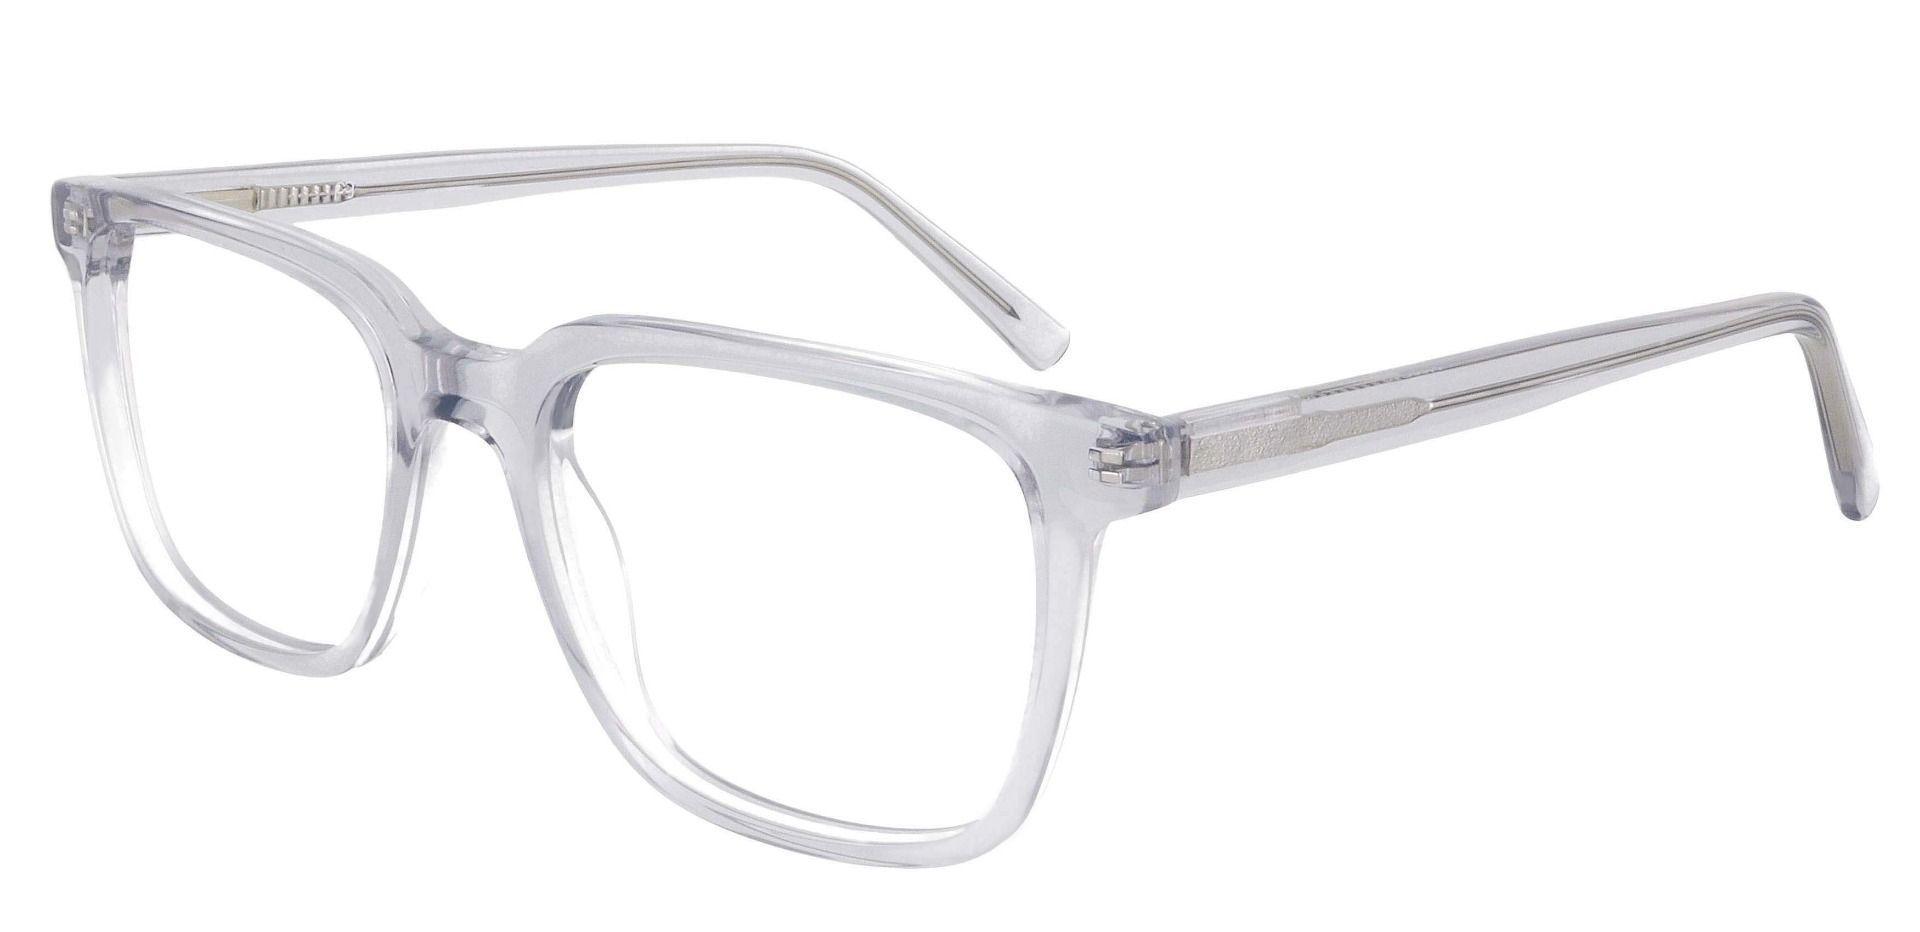 Alex Square Prescription Glasses - Gray